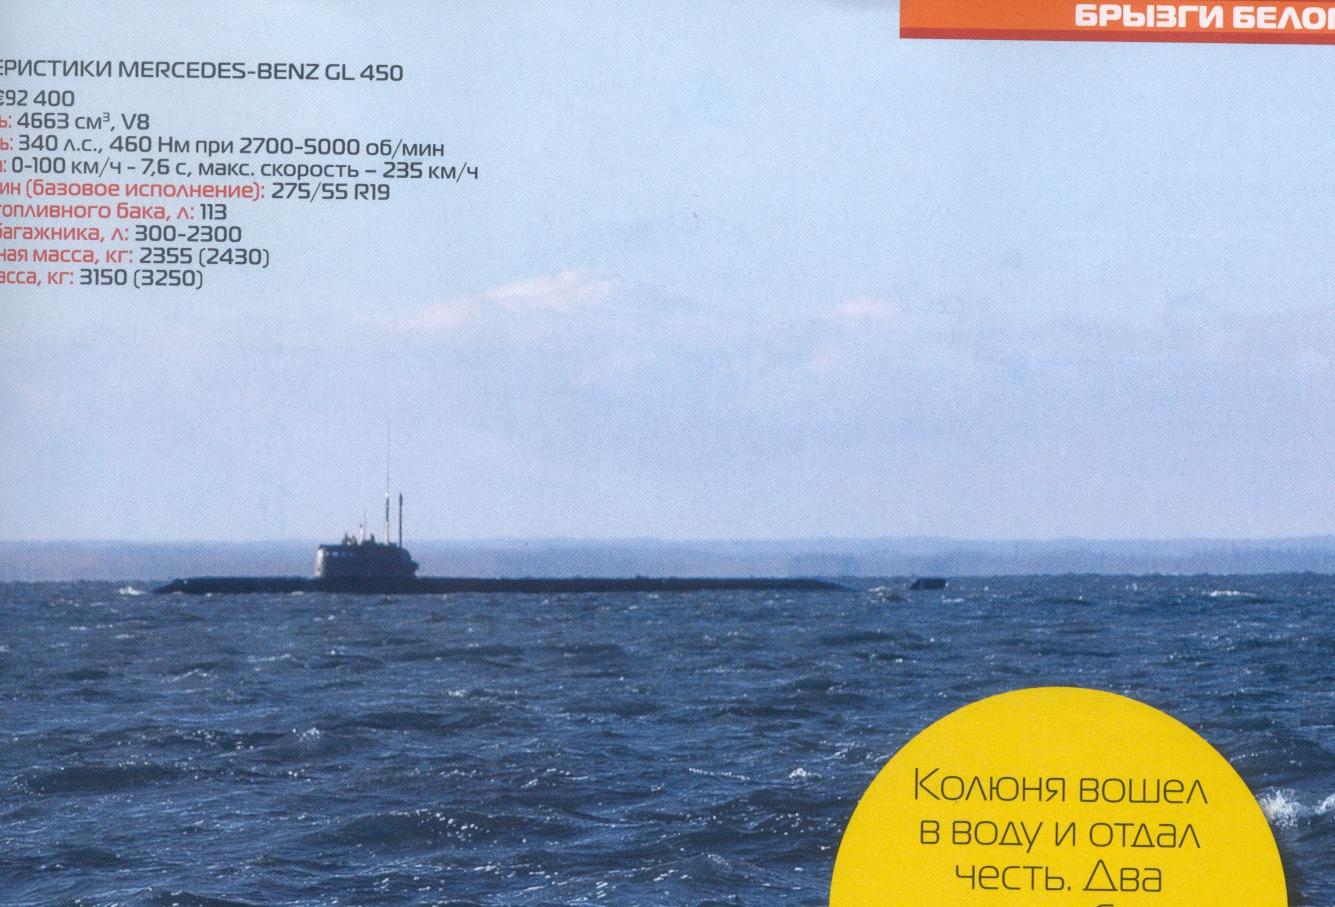 Атомная глубоководная станция 1-го ранга АС-12 проекта 10831. Район Северодвинска, 2014 год